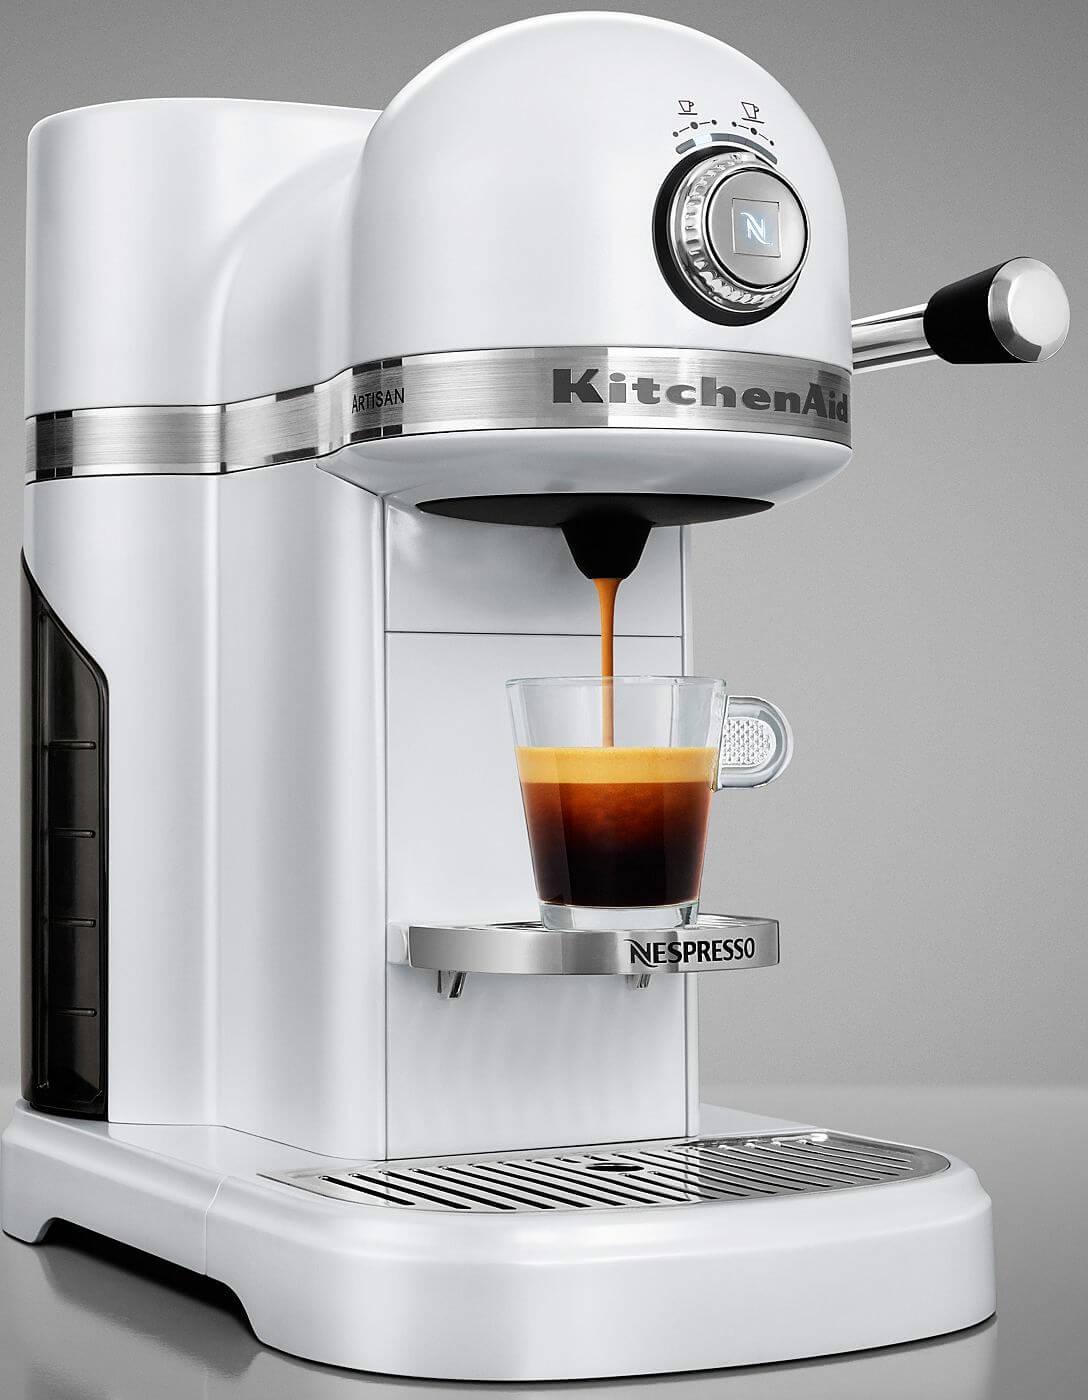 Kitchenaid Nespresso KitchenAid 5KES0503EFP/4